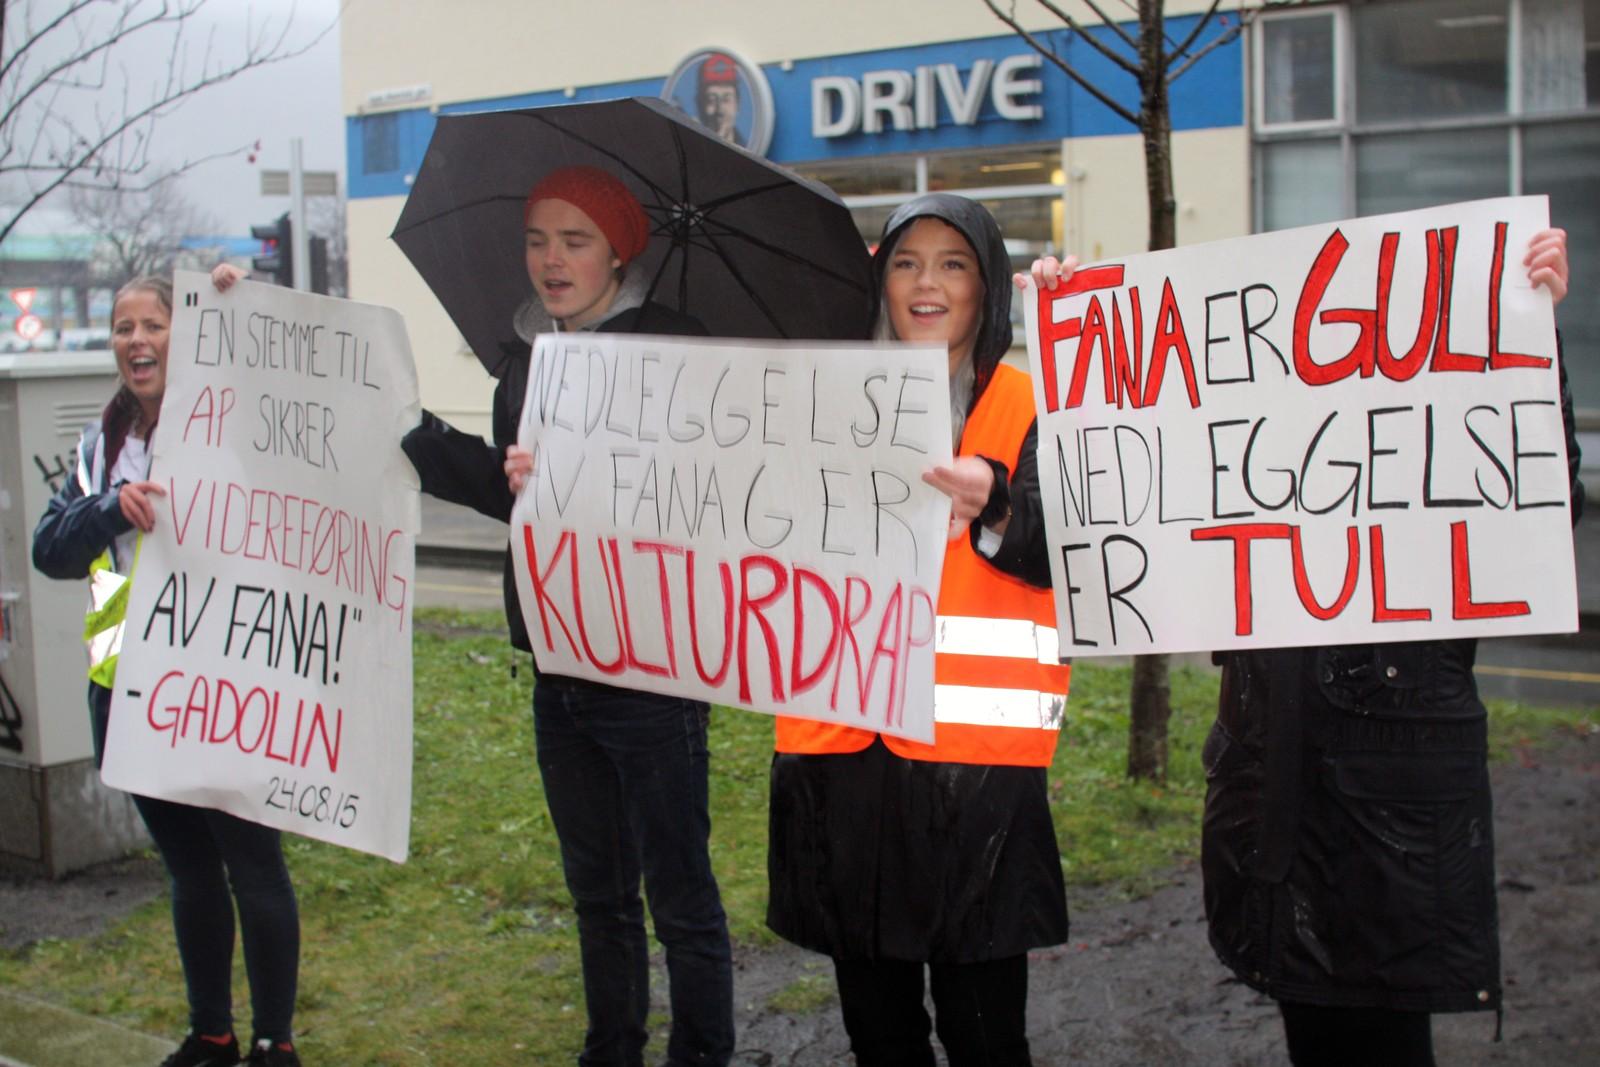 Elever fra Fana gymnas bærer bannere i protest mot nedleggelse av skolen.